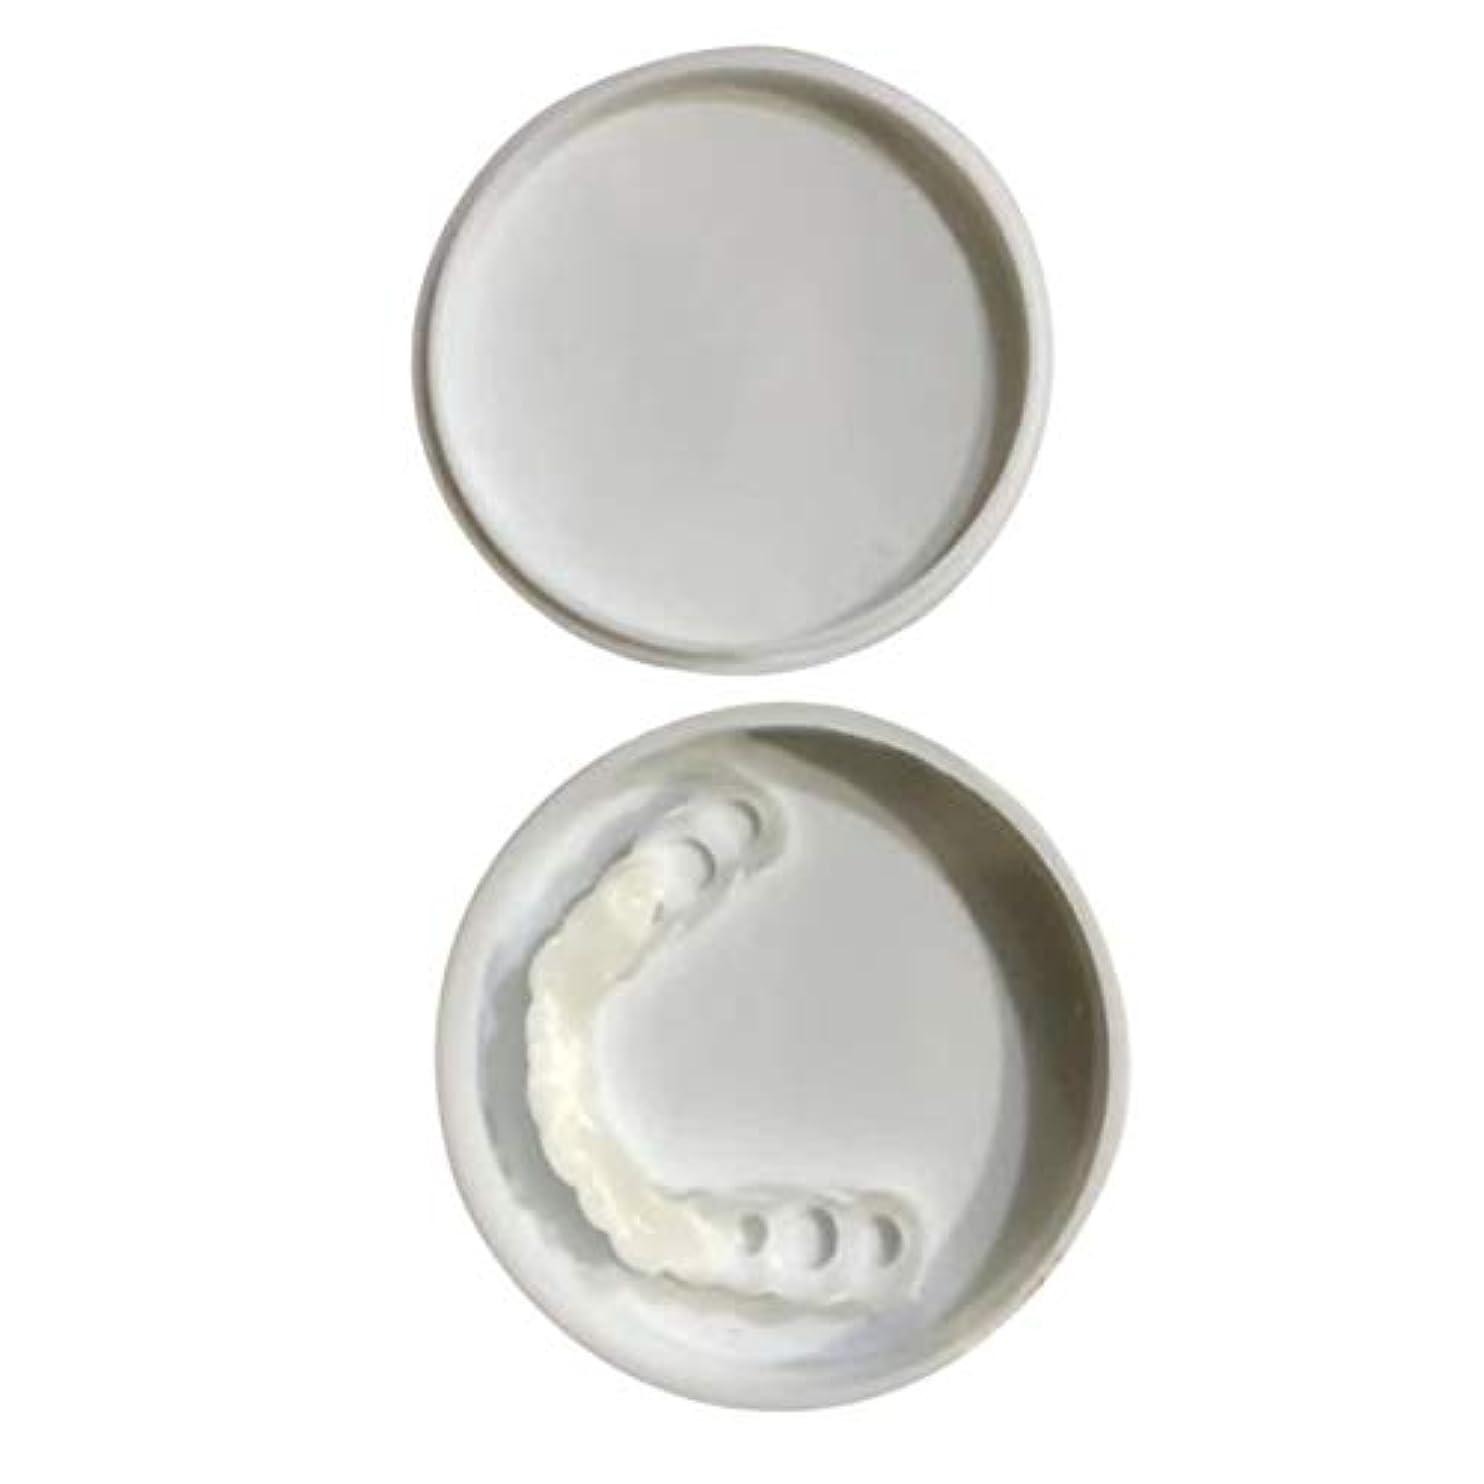 進む衝突エクステント快適なスナップオン男性女性歯インスタントパーフェクトスマイルコンフォートフィットフレックス歯フィットホワイトニング笑顔偽歯カバー - ホワイト